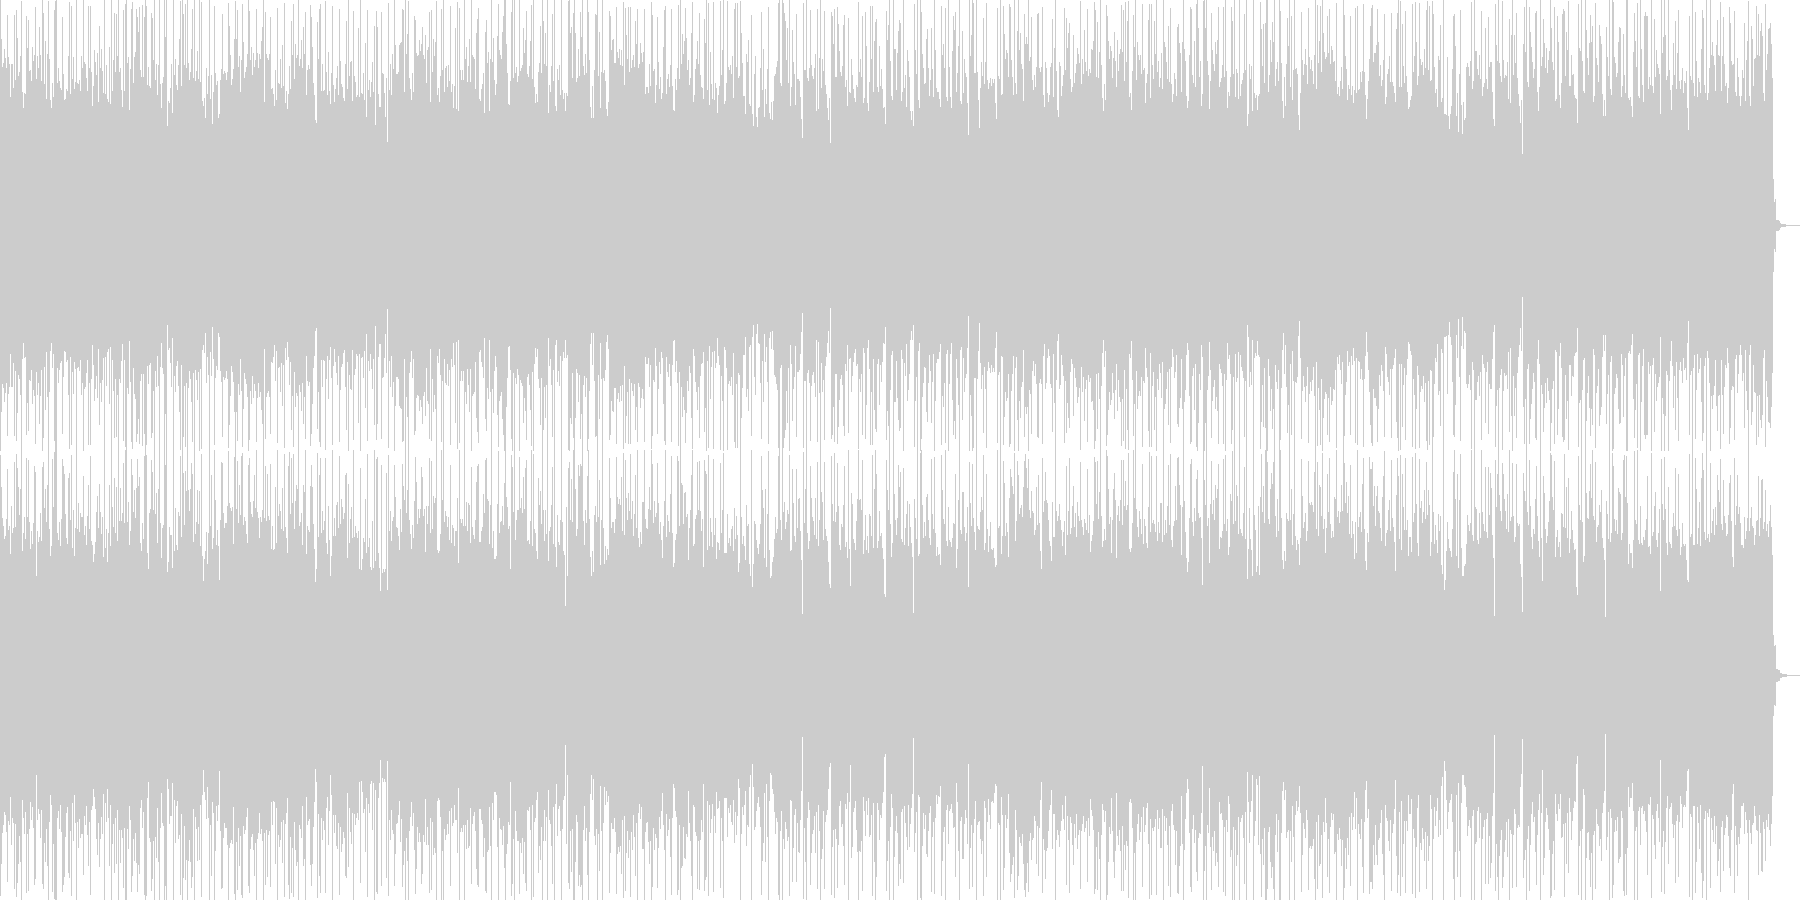 緊張感漂うハードロックの未再生の波形